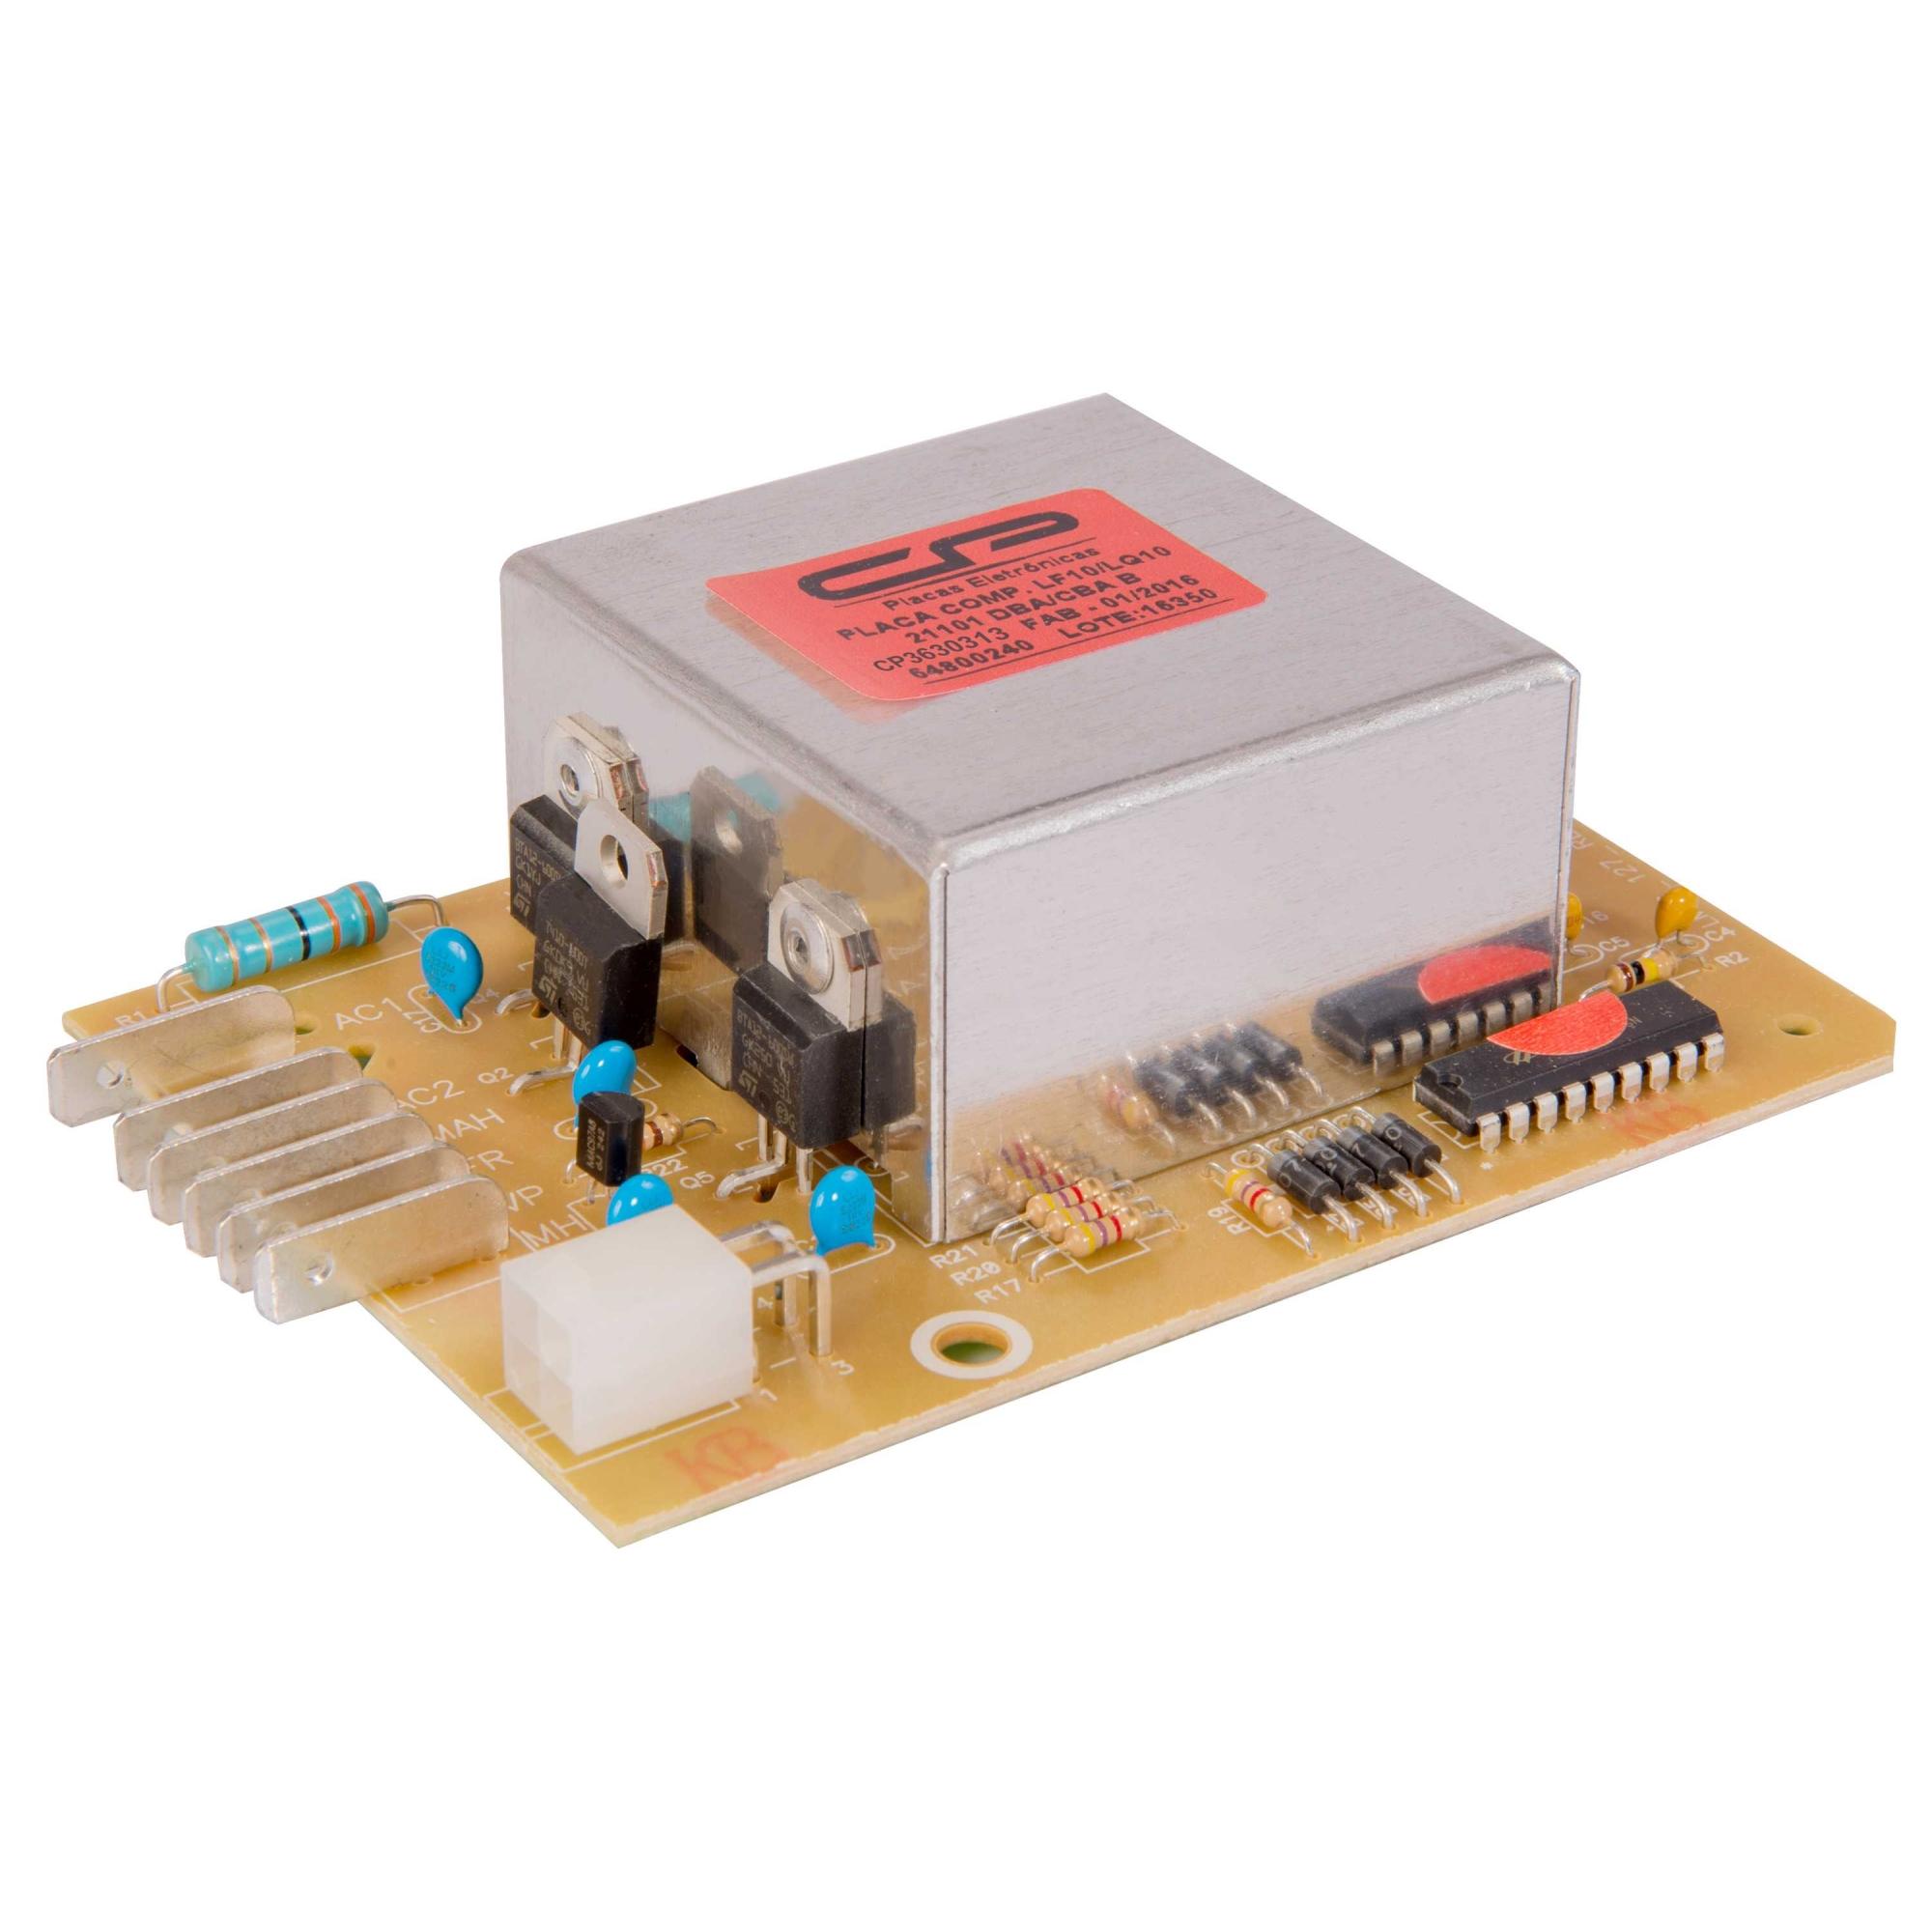 Placa eletronica compatível lavadora Electrolux LF10 LQ10